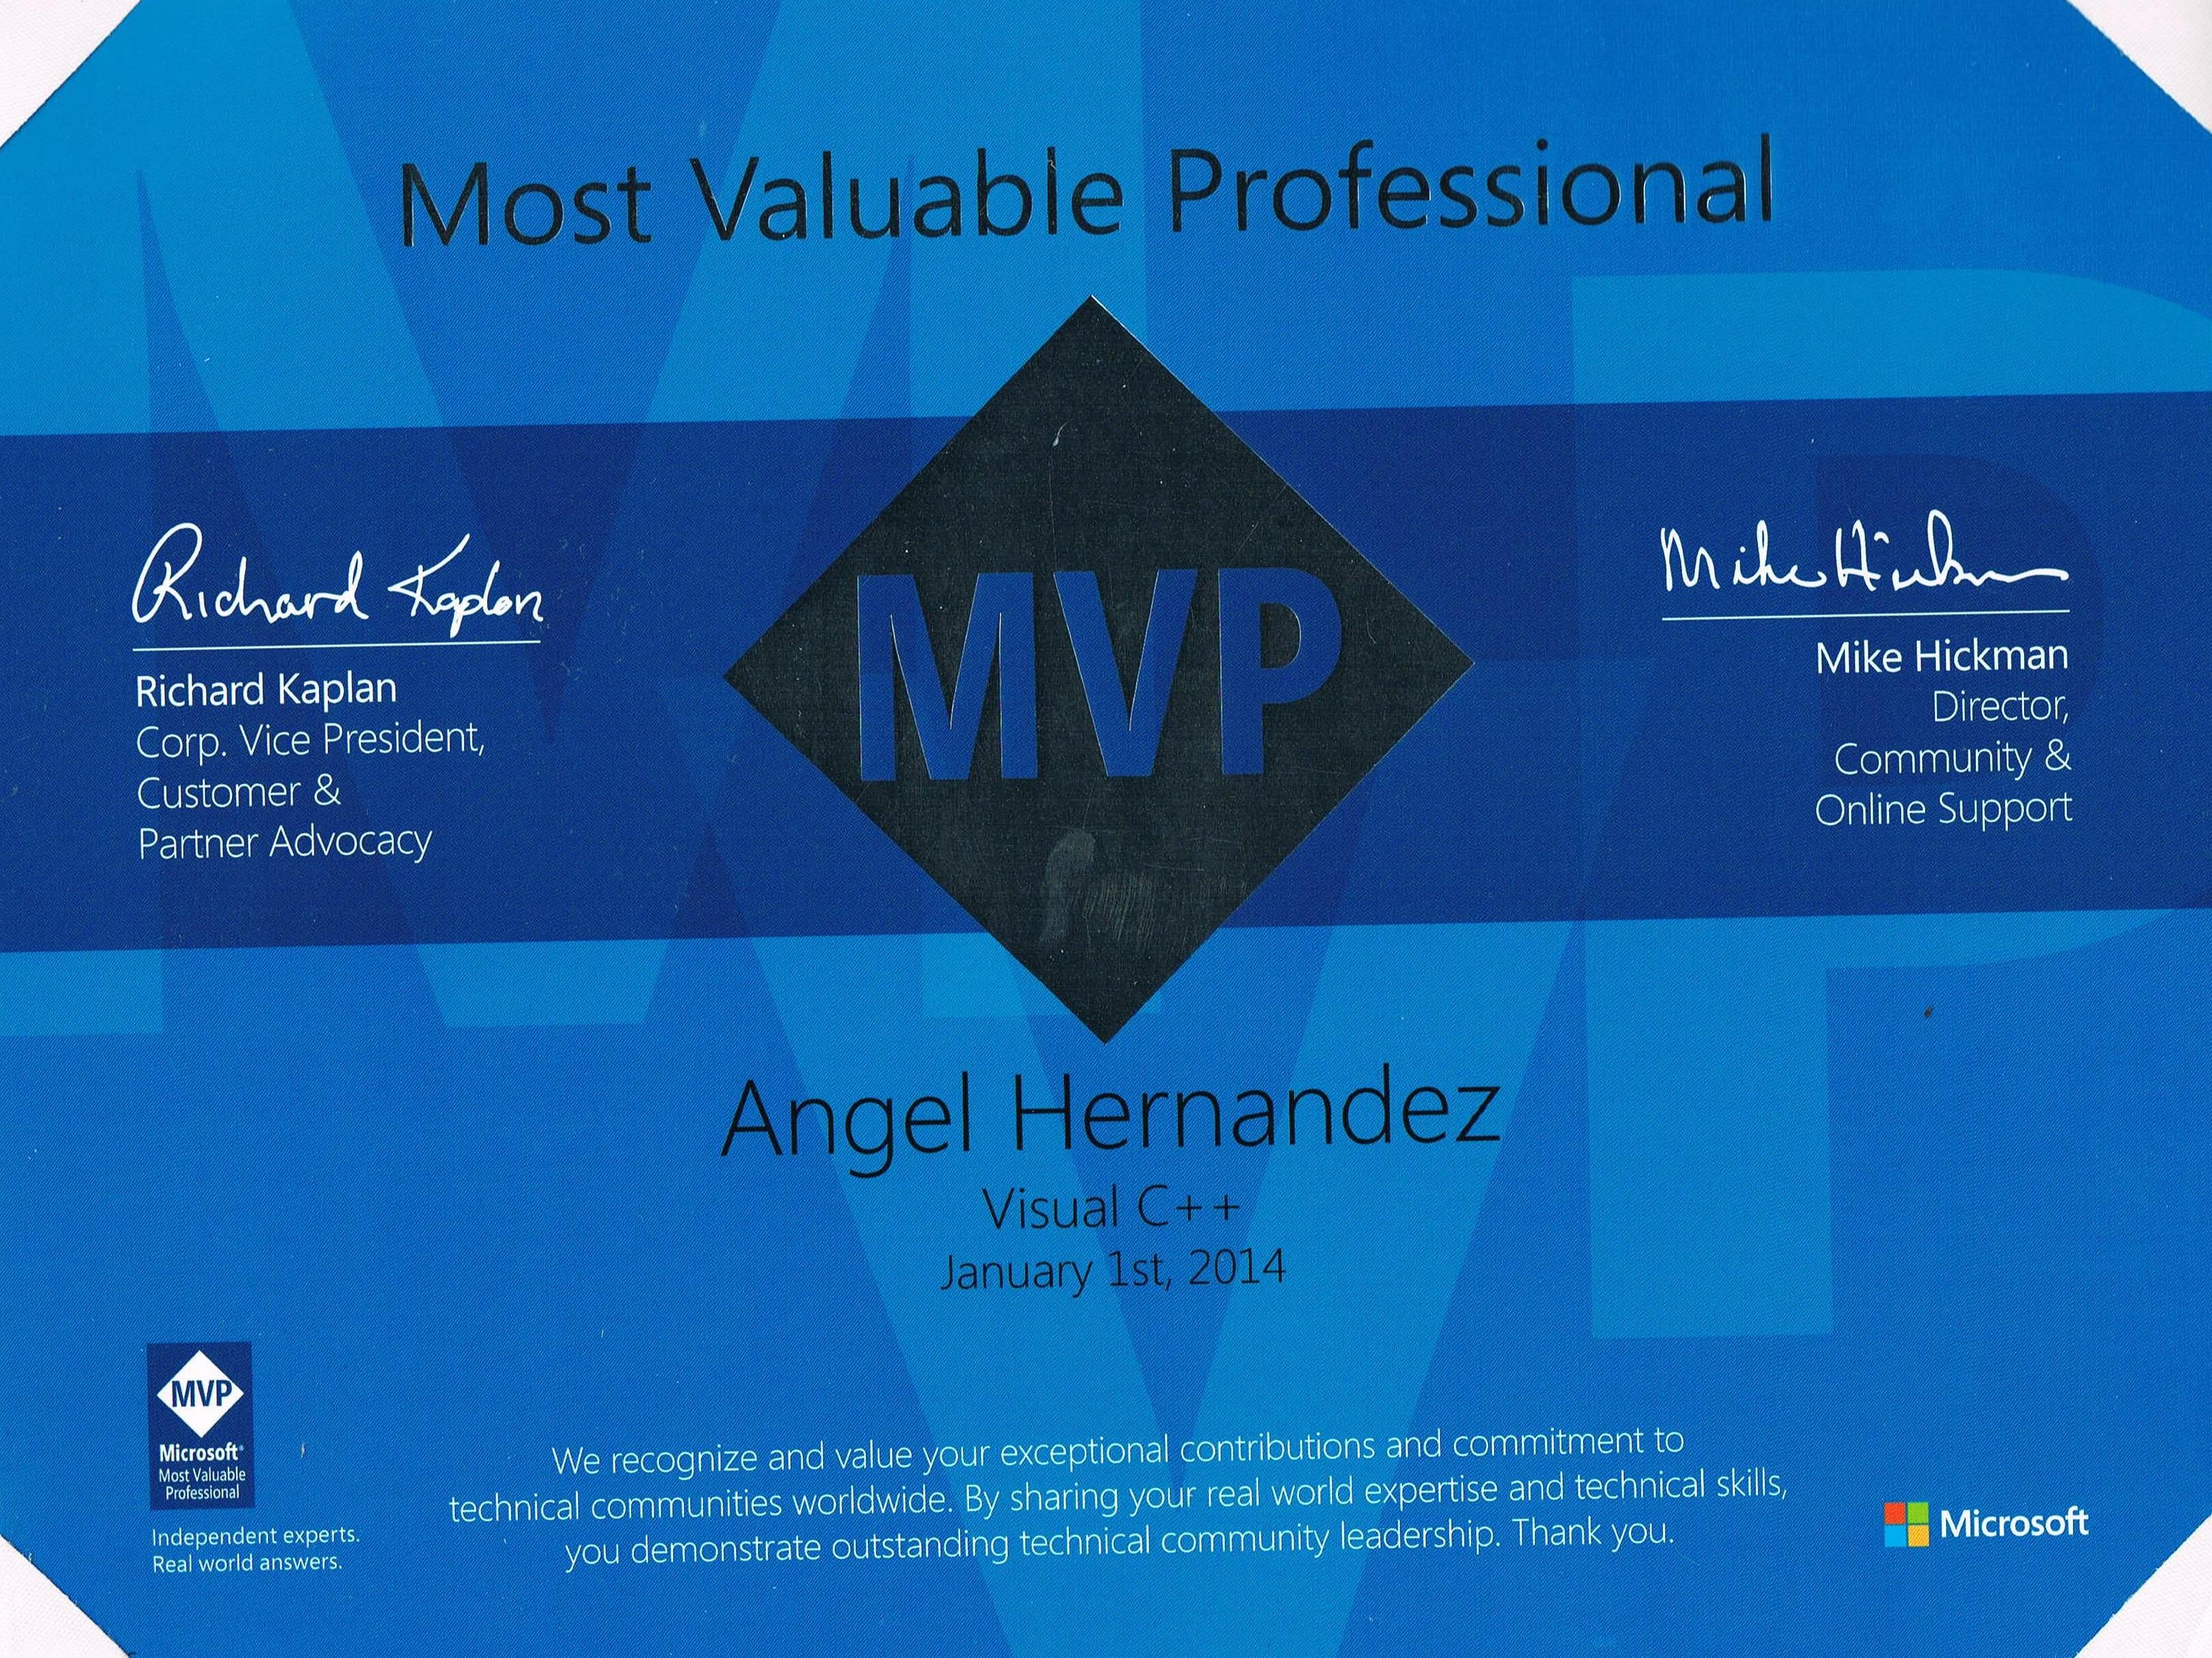 Visual C++ MVP 2014